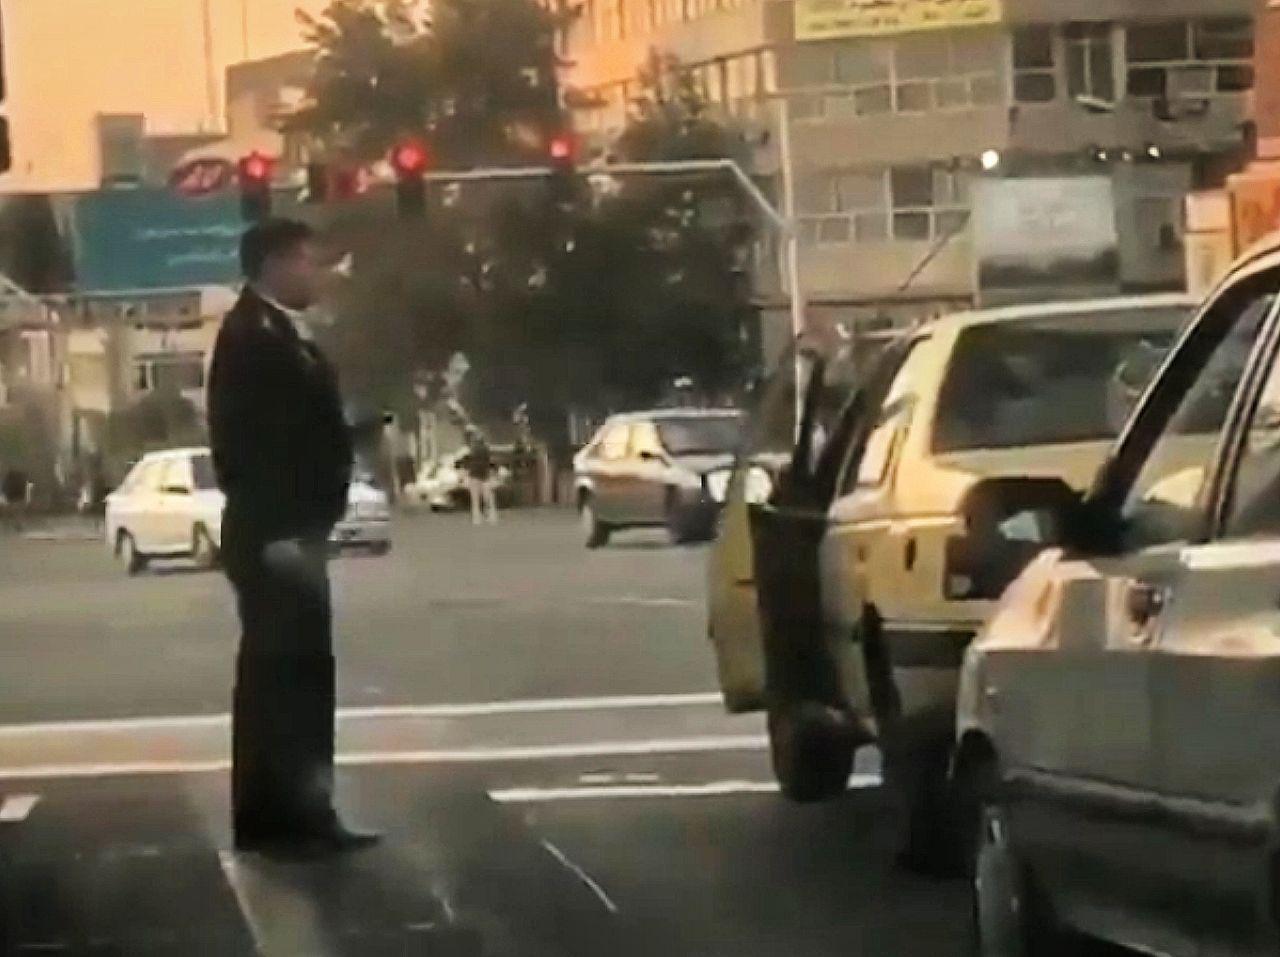 تذکر پلیس راهور به رانندهای که سیگار خود را روی زمین انداخت + فیلم